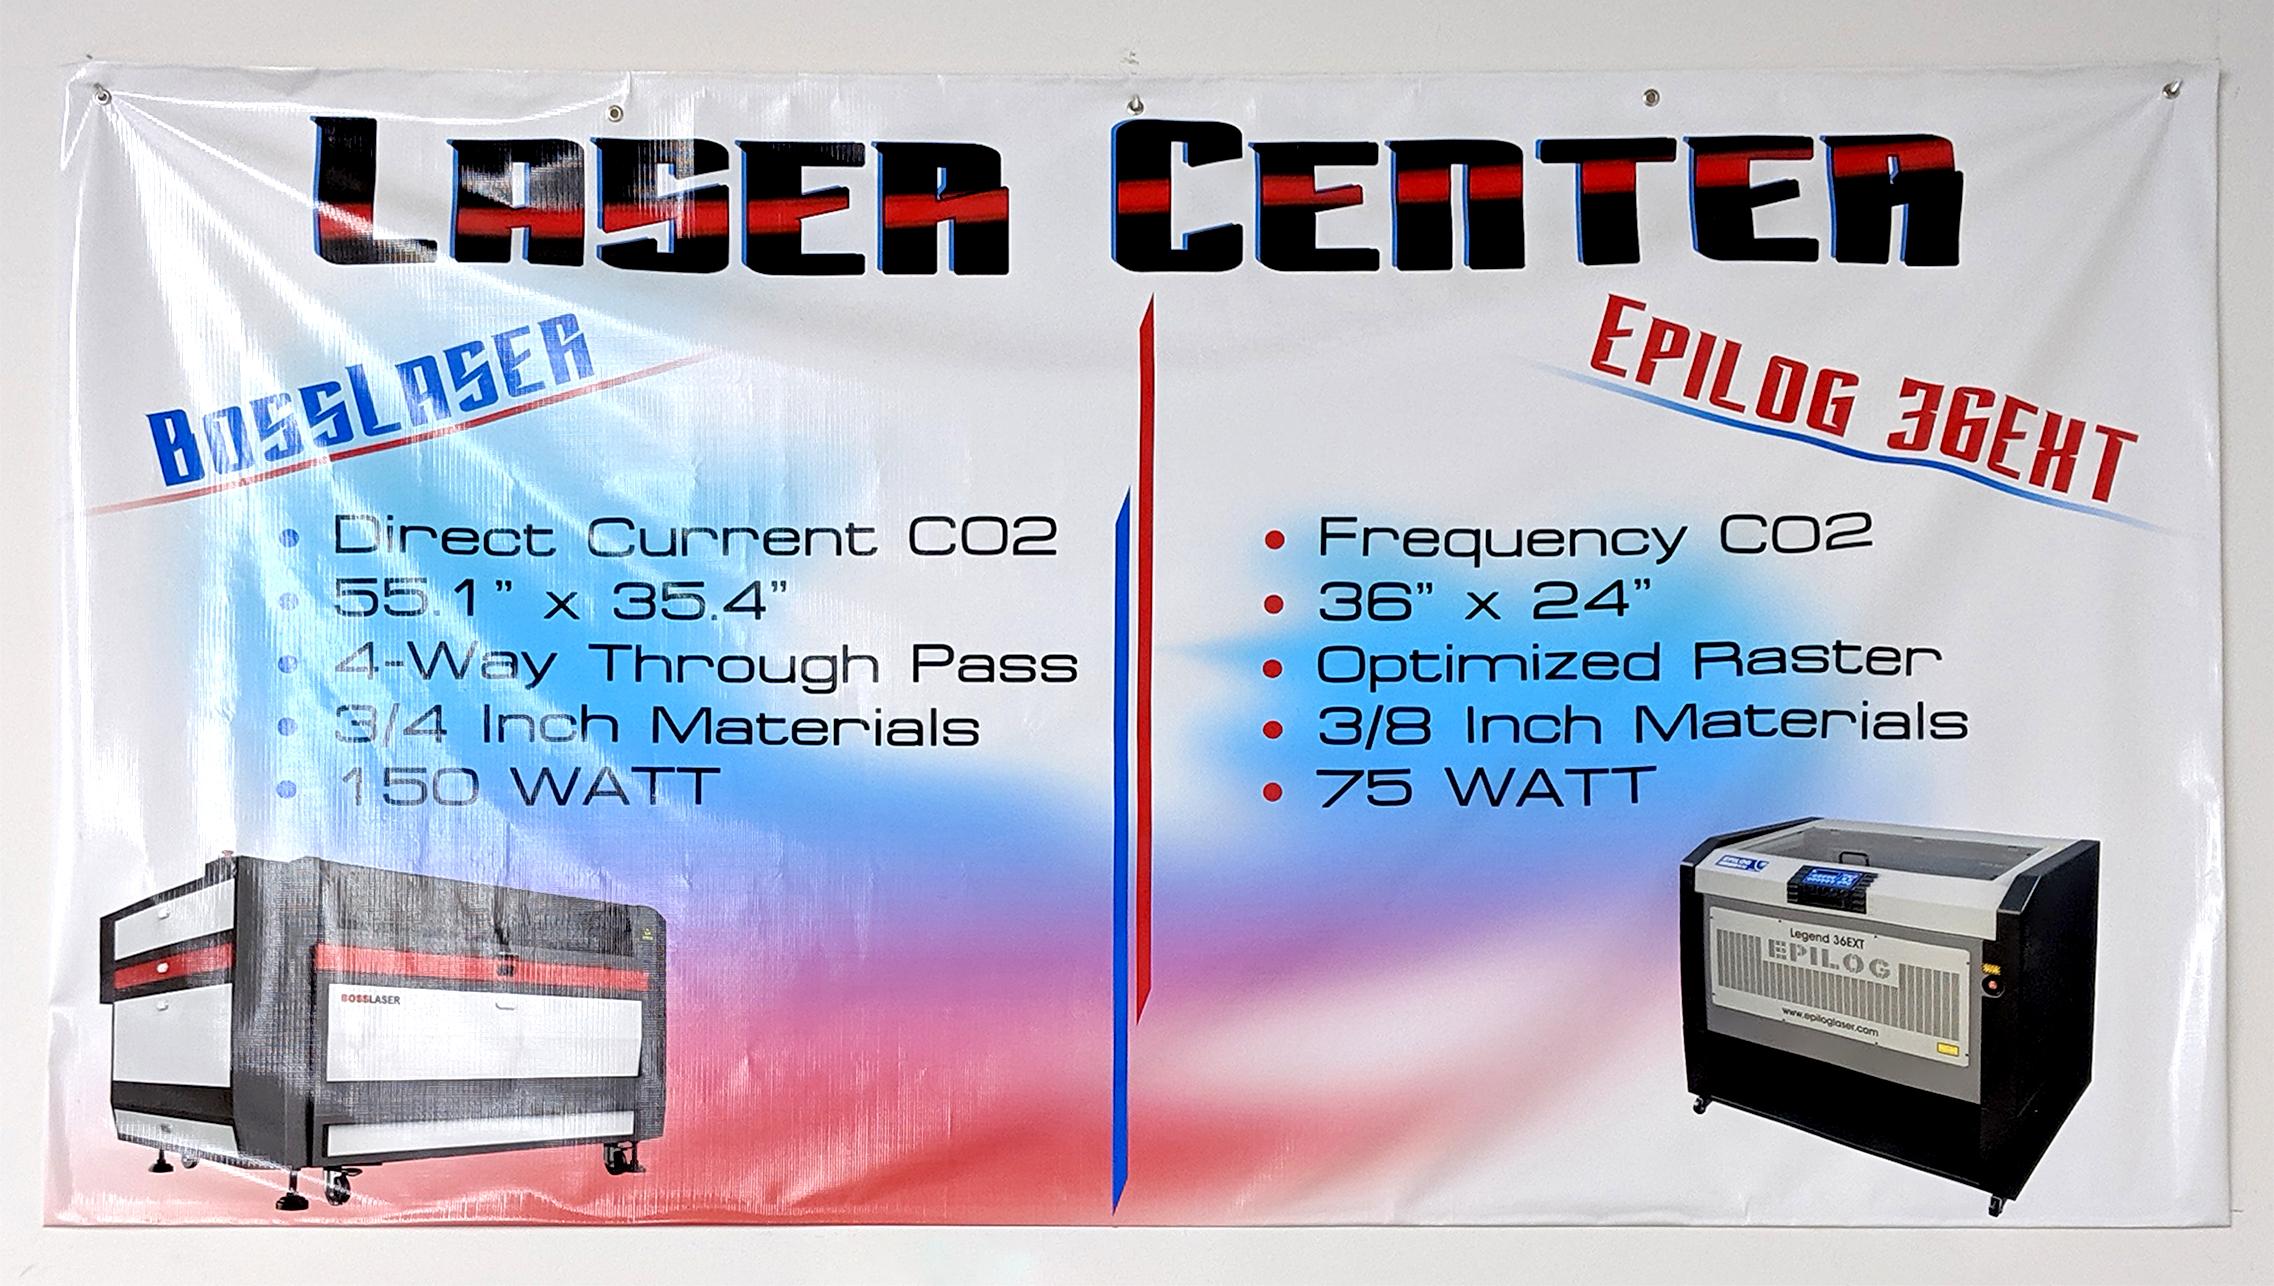 Laser Center Banner